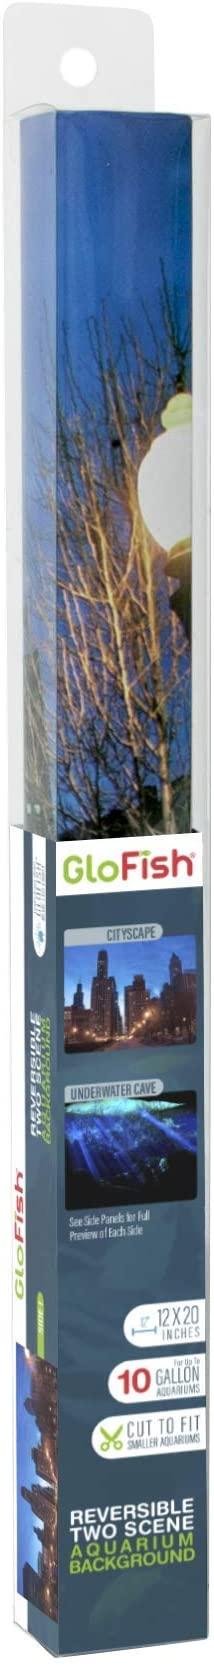 GloFish 75019026 product image 7